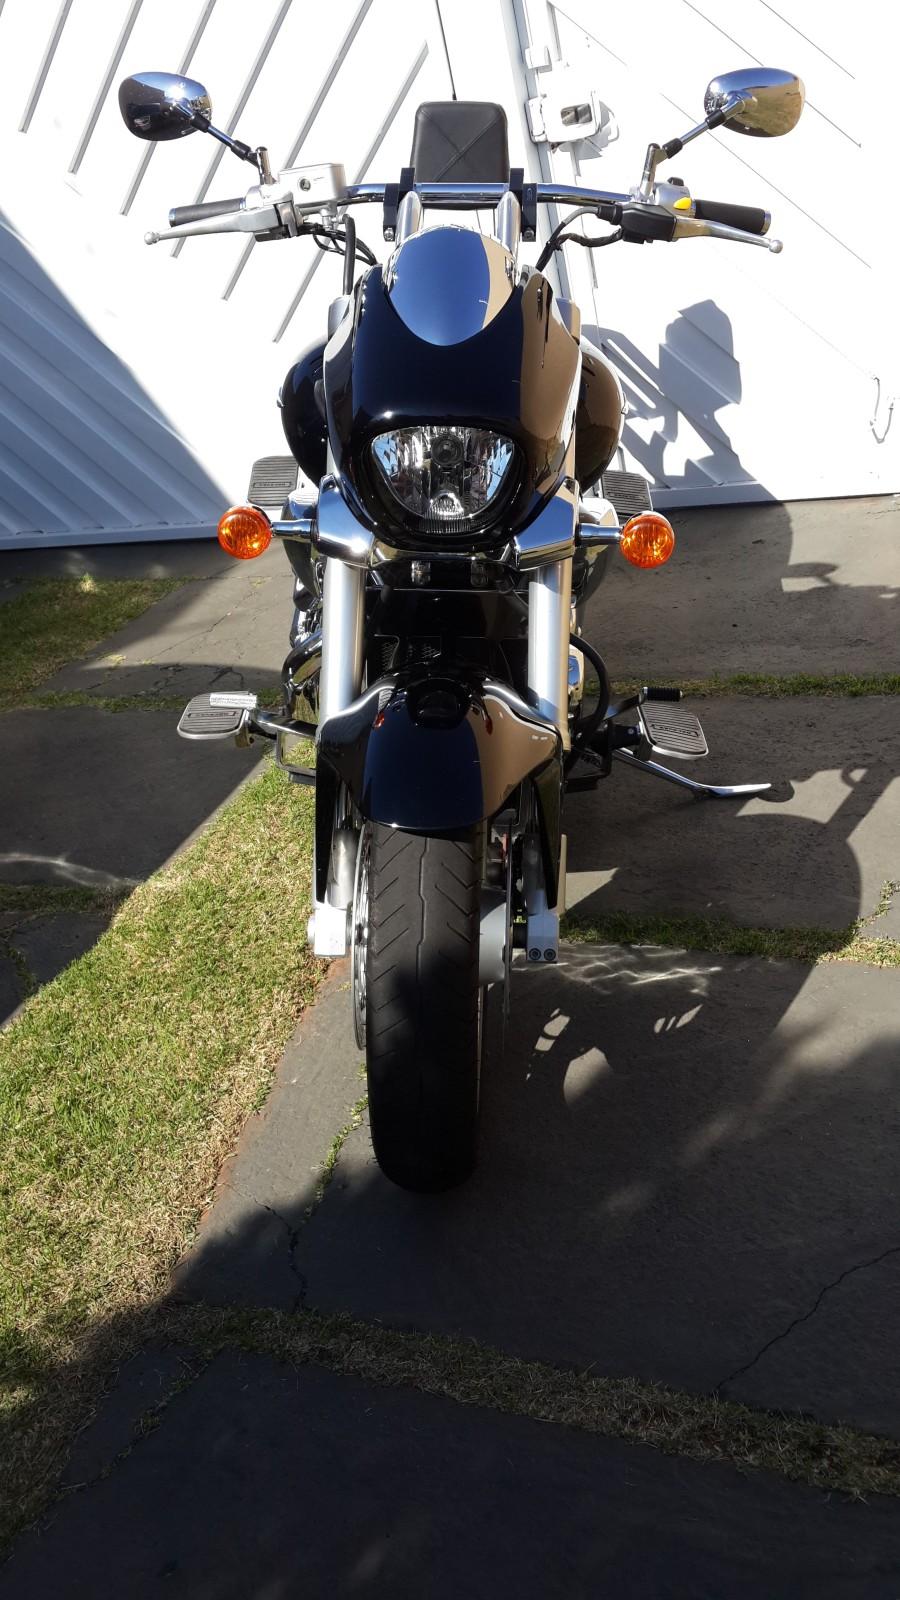 [Nova Moto] Suzuki Boulevard M1500 - clatyler 1zppfsp